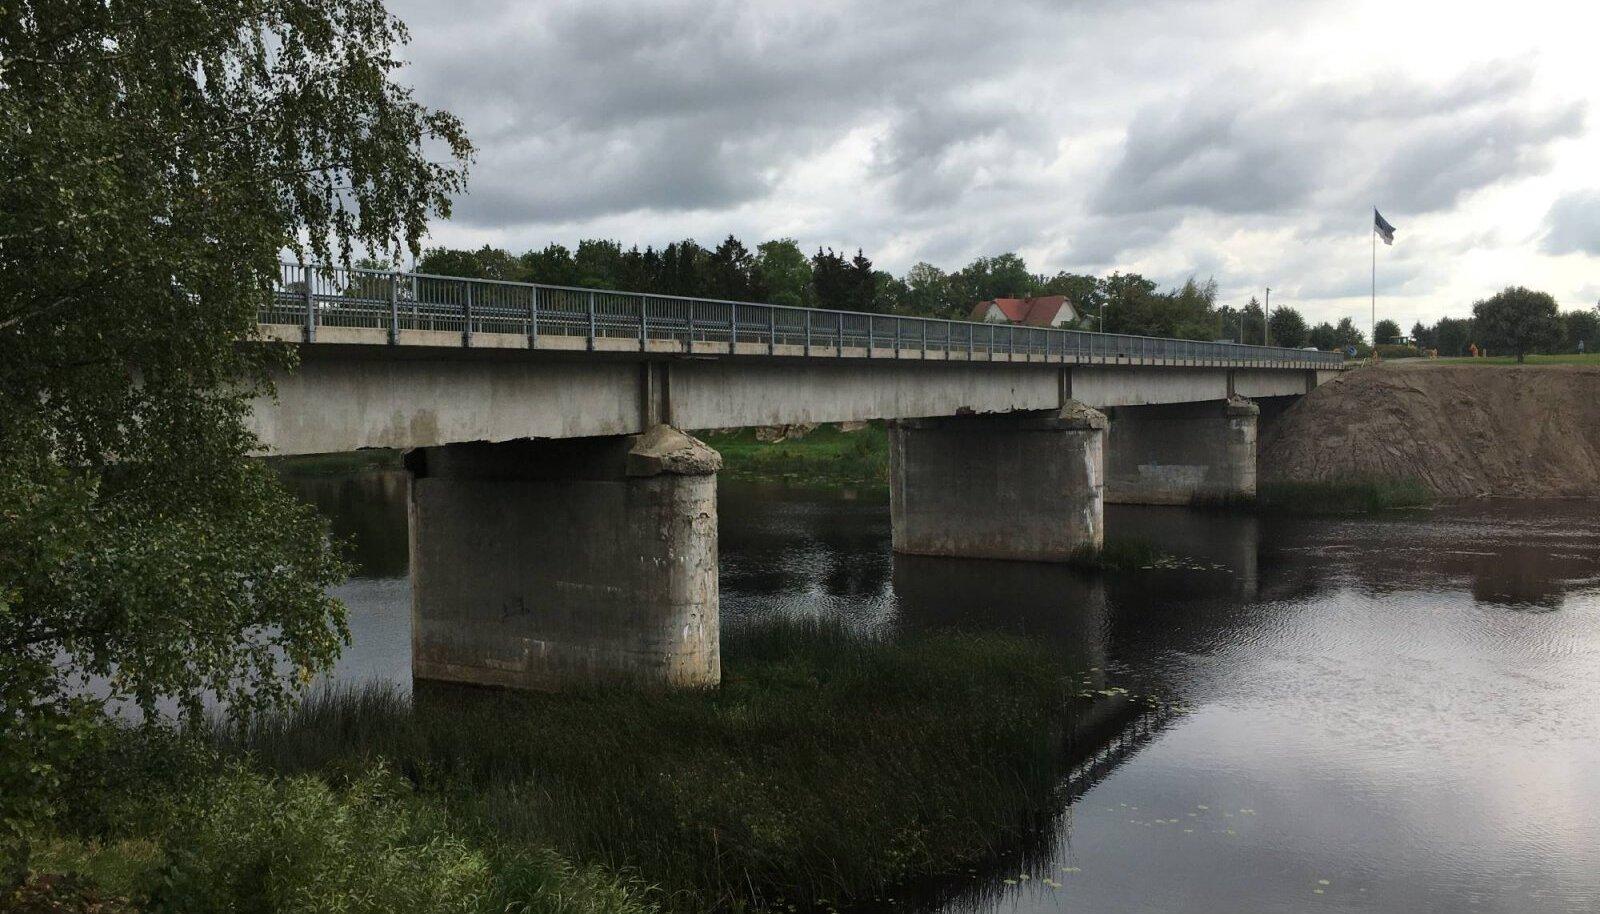 Keskkonnaregistreeringut tuleb taotleda näiteks uue silla rajamiseks